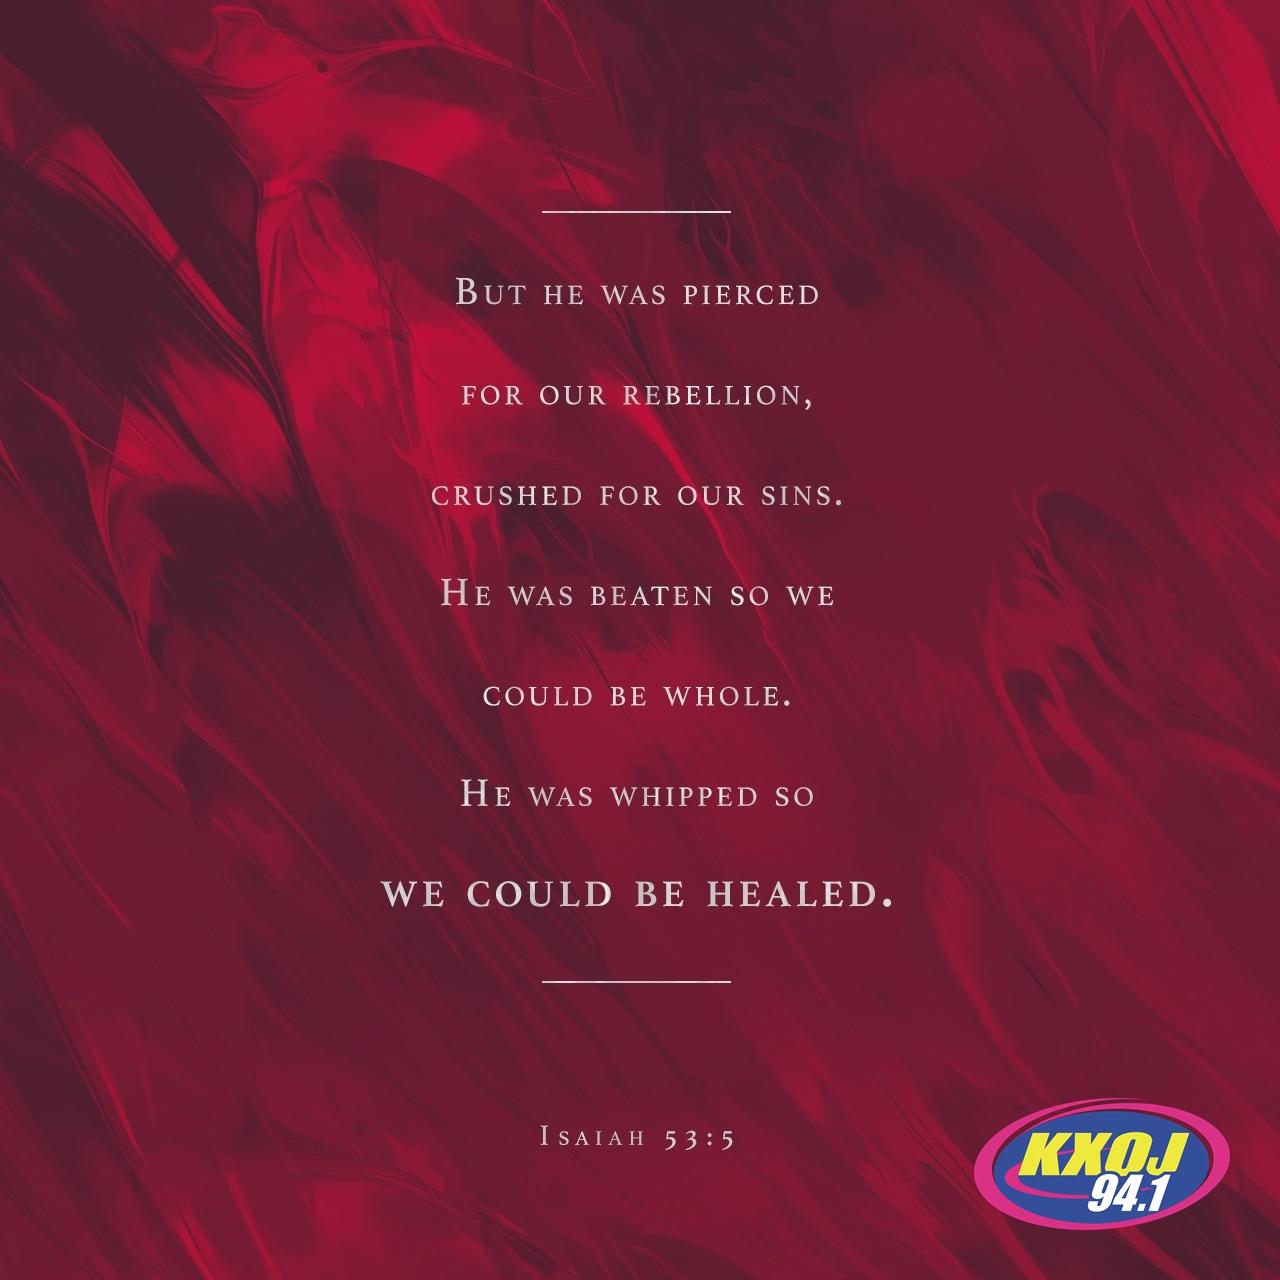 August 20th - Isaiah 53:5